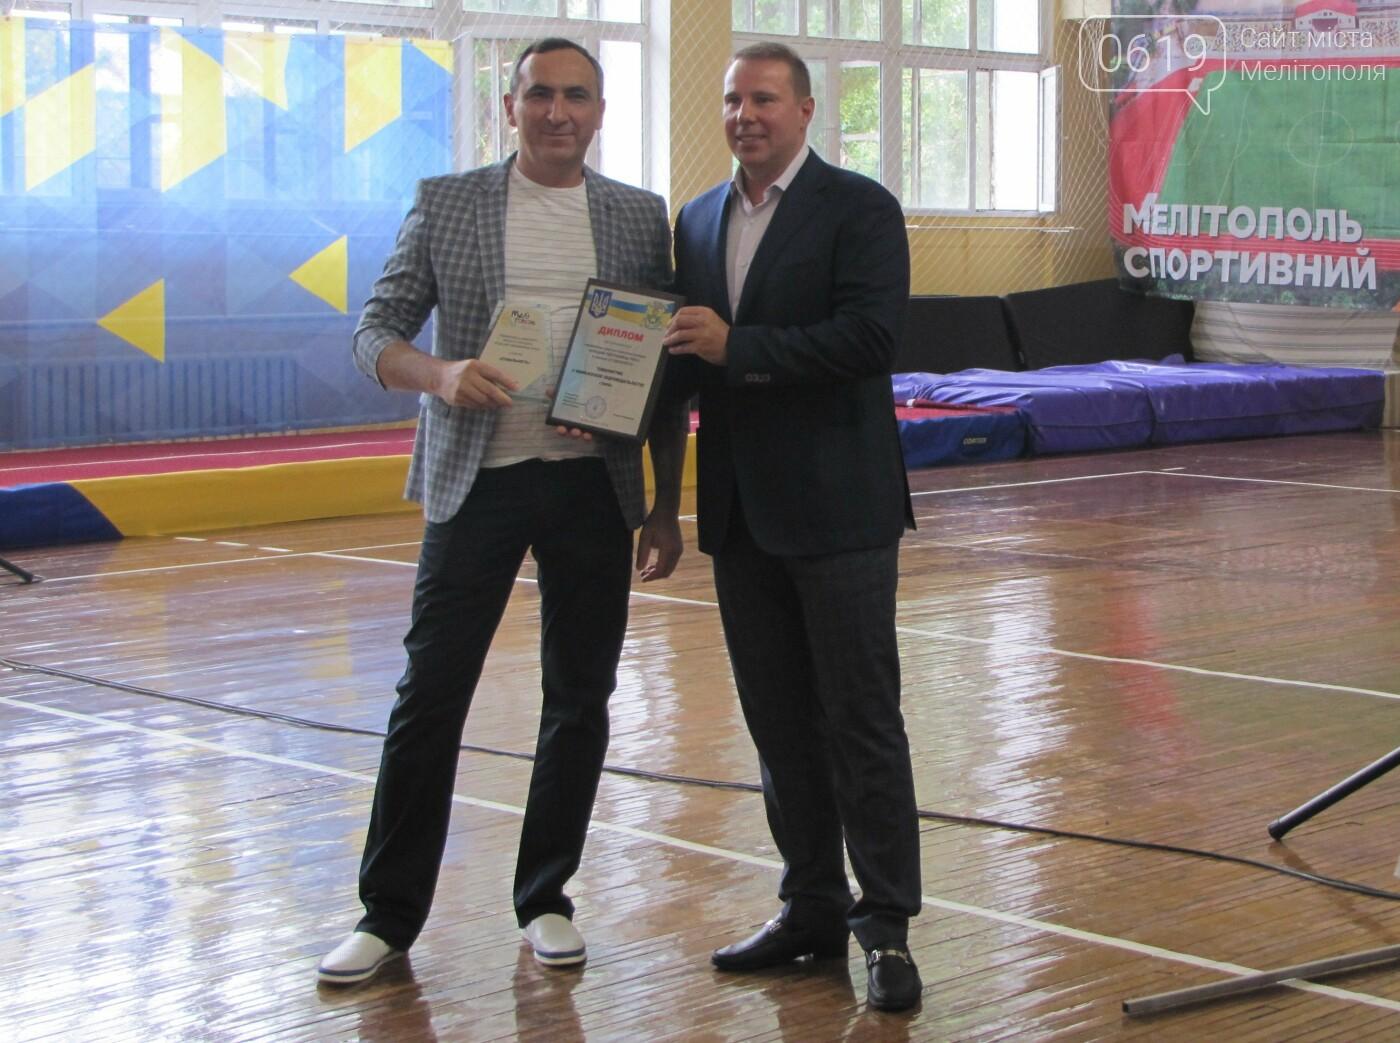 Мелитопольских предпринимателей поздравили с профессиональным праздником, фото-2